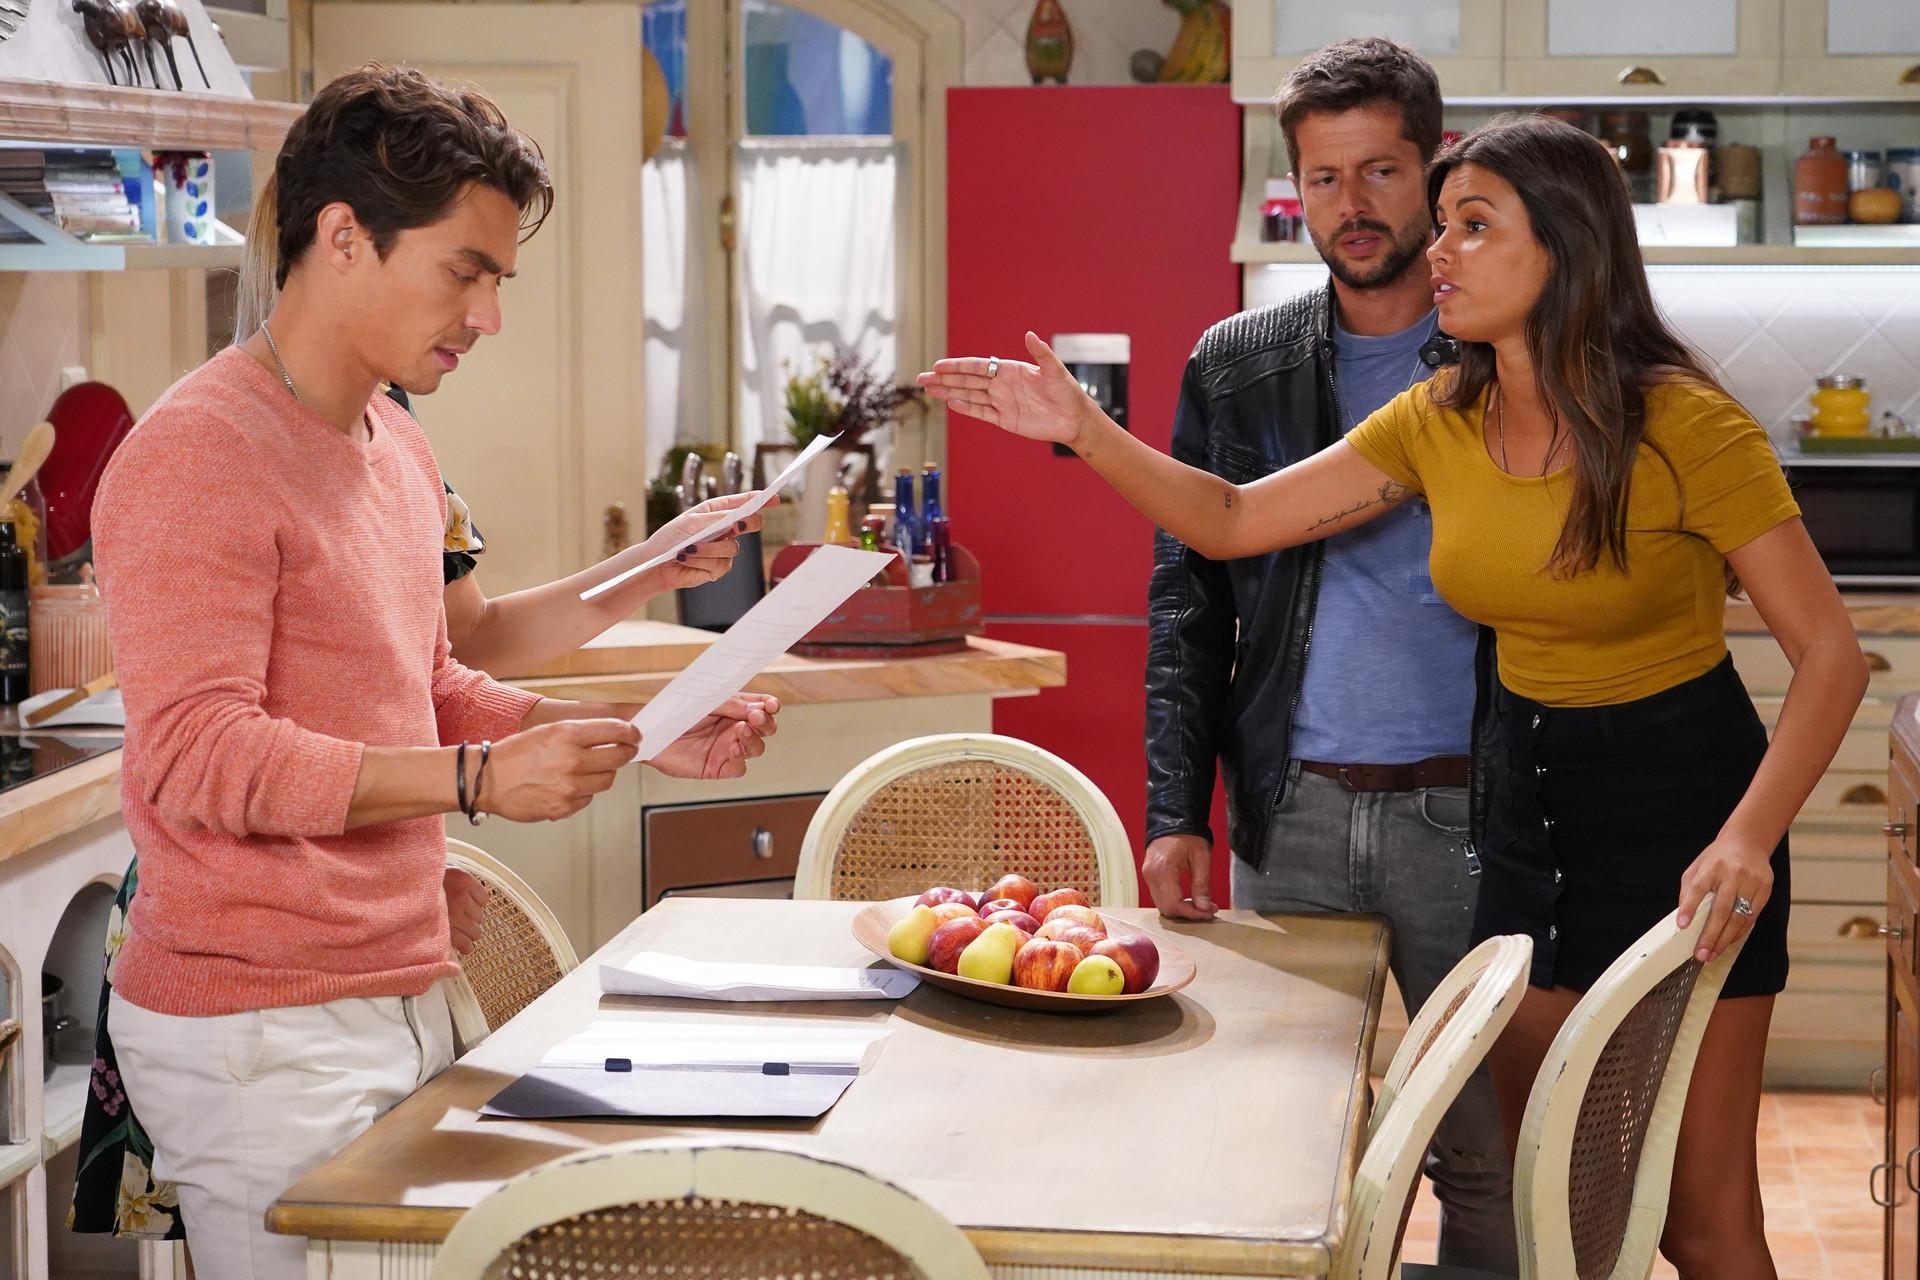 nazare 1 Hoje em 'Nazaré': Nazaré e Toni descobrem o plano de Isabel e Verónica, mas já é tarde demais!